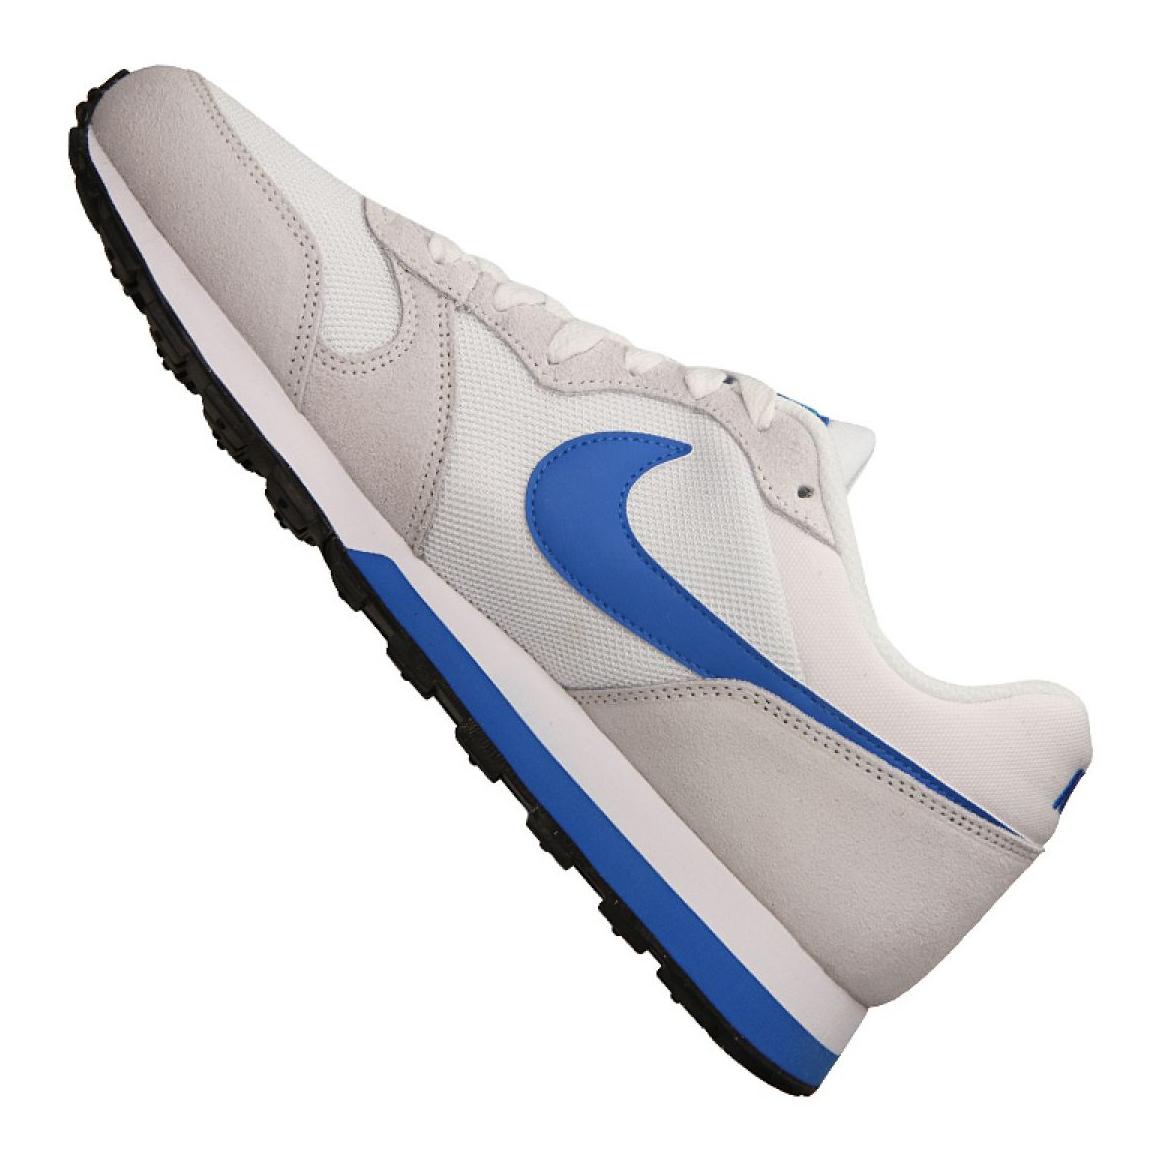 Nike Md Runner 2 M skor 749794 144 grå